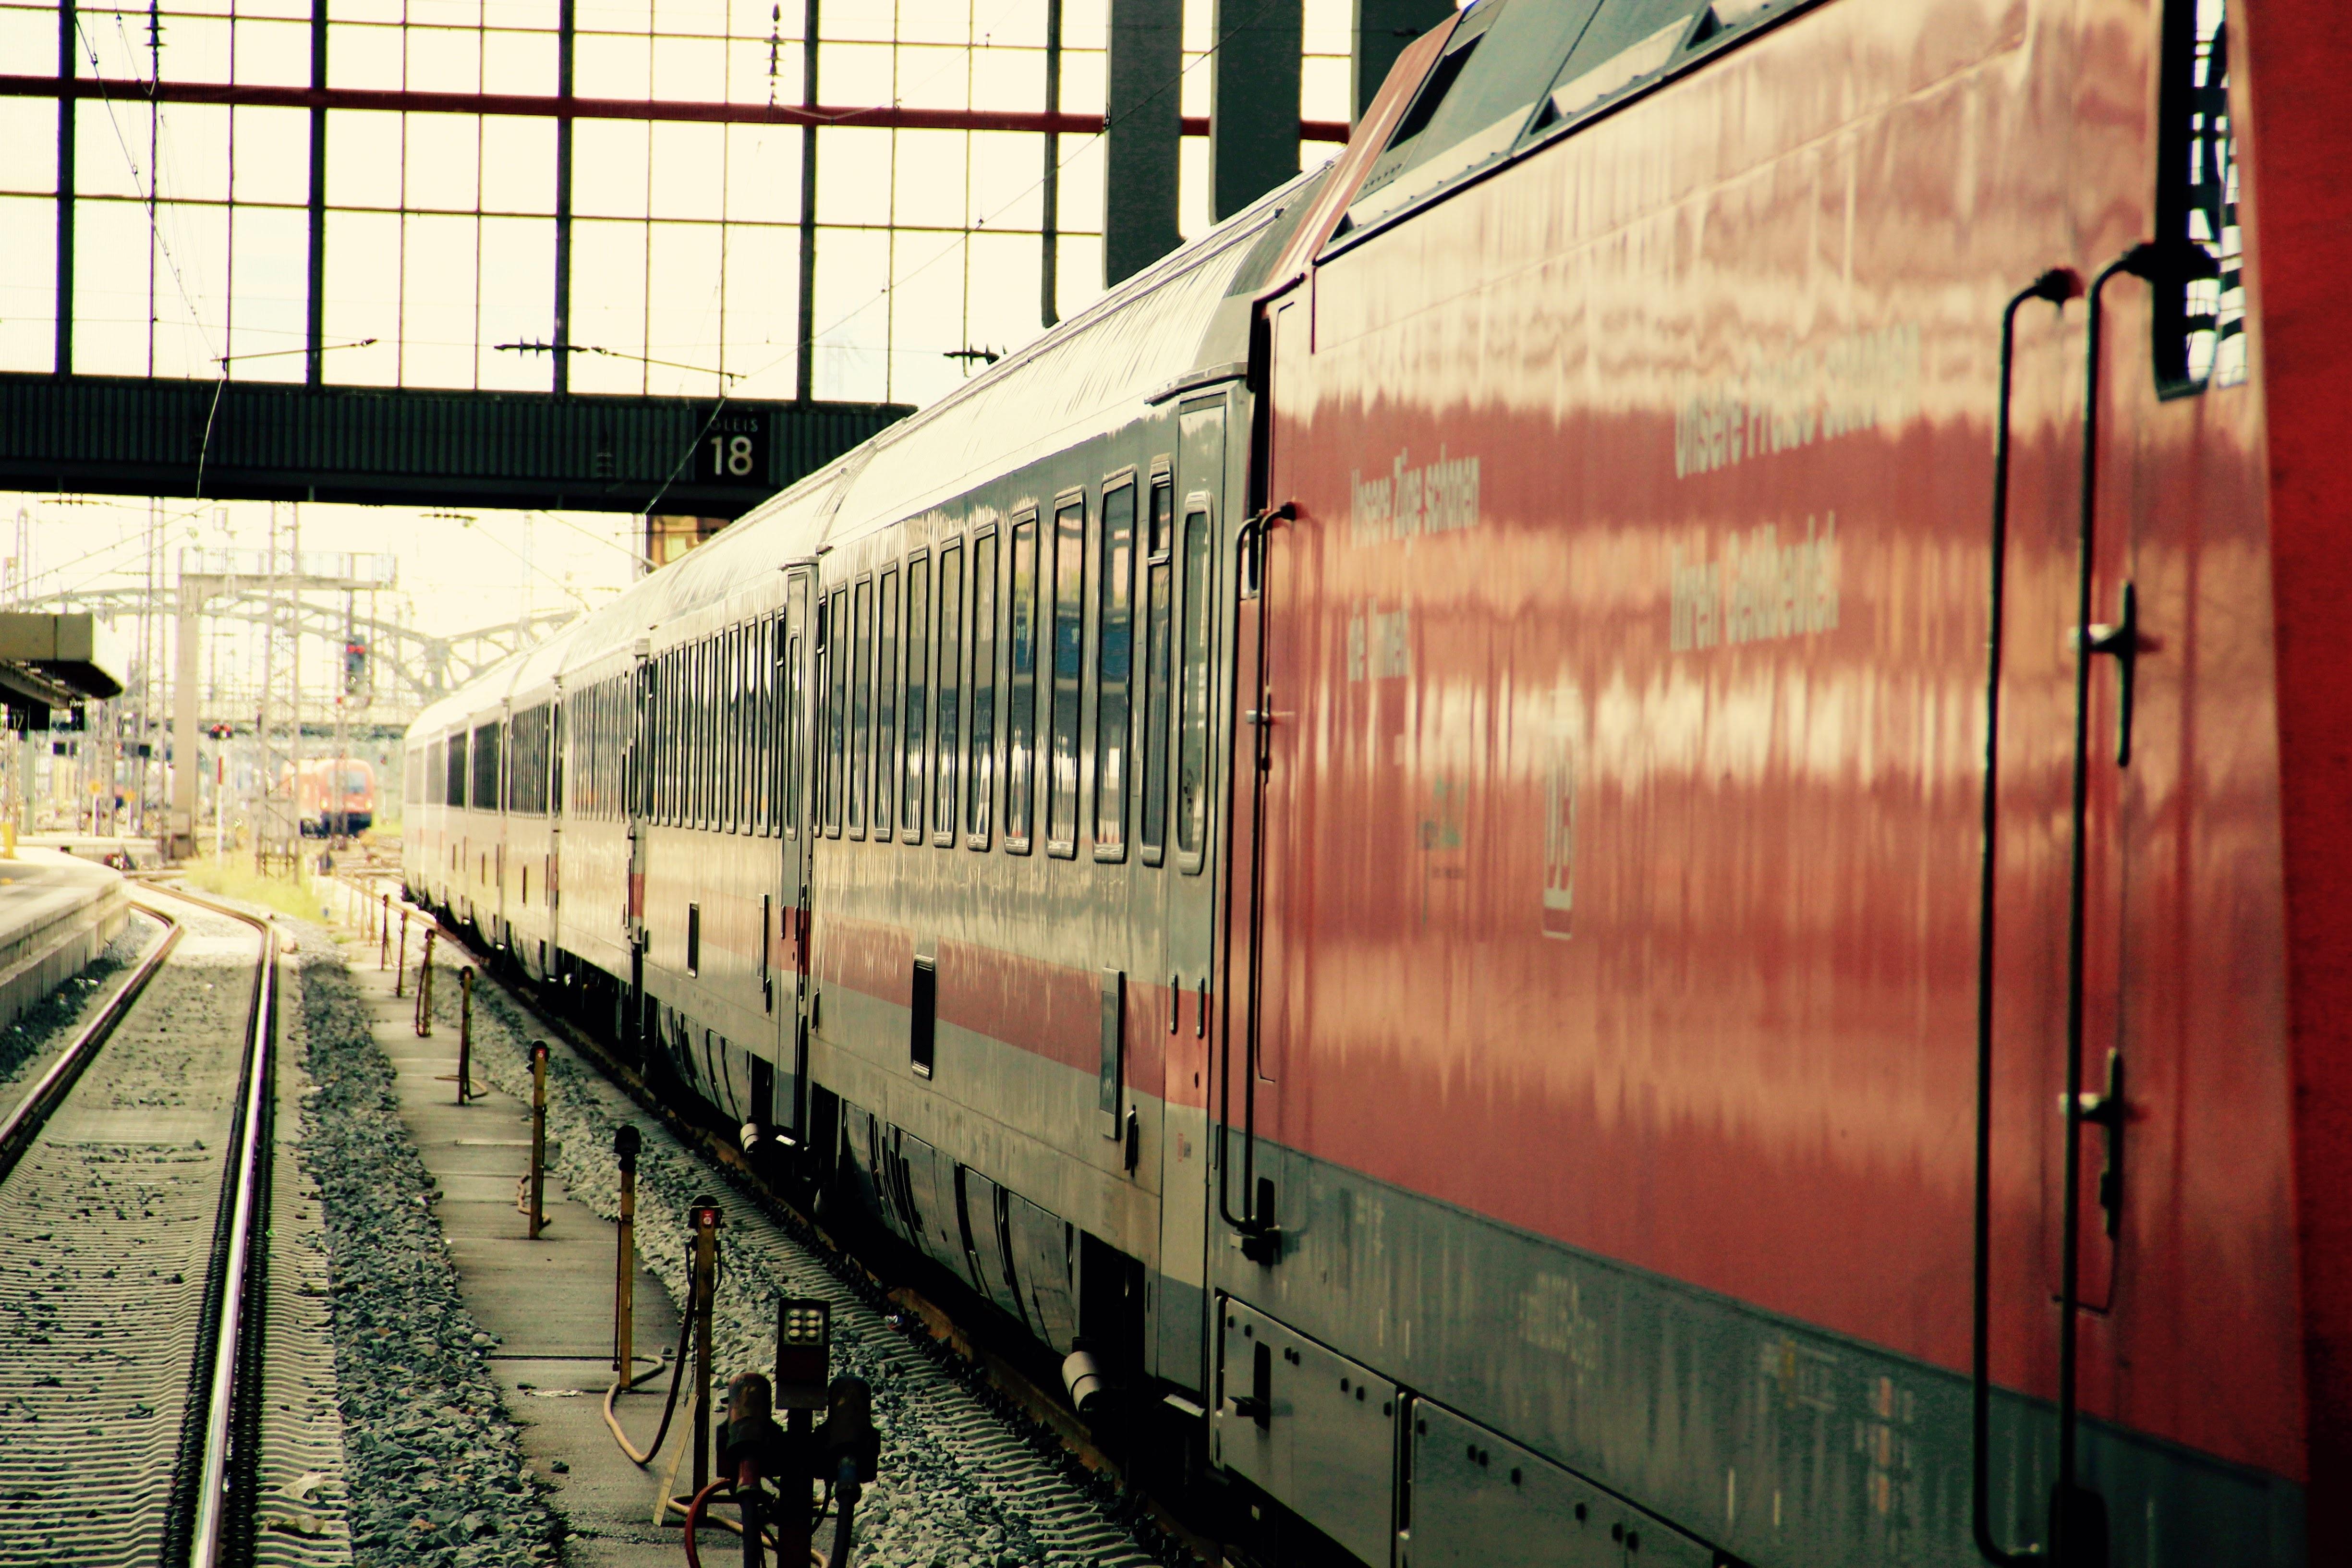 поезд на станции картинки места подготовка почвы